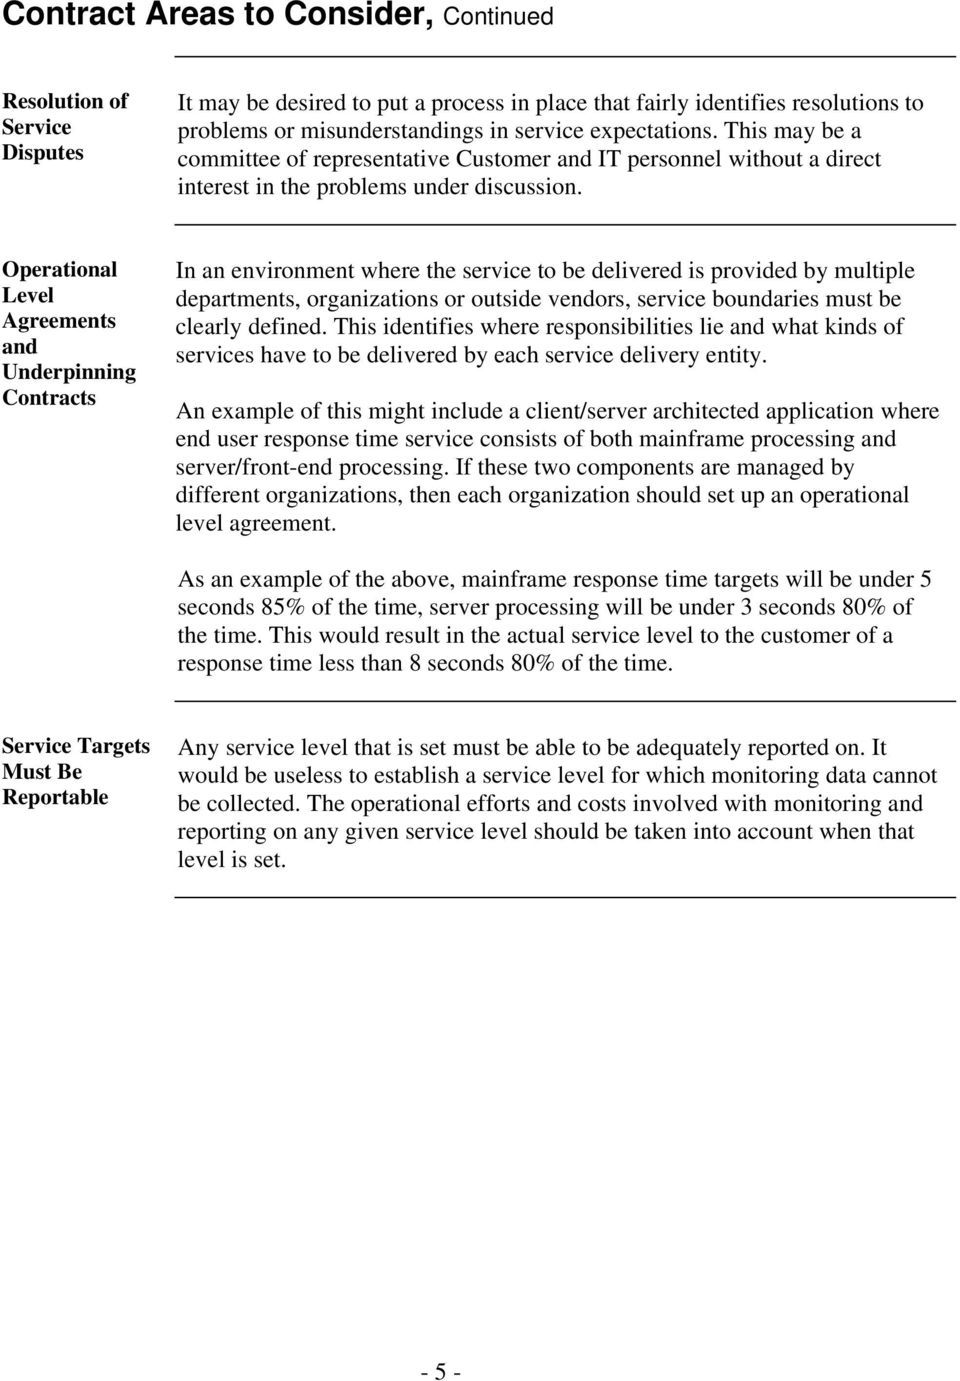 002 Sensational Service Level Agreement Template Photo  South Africa Nz For Website DevelopmentFull